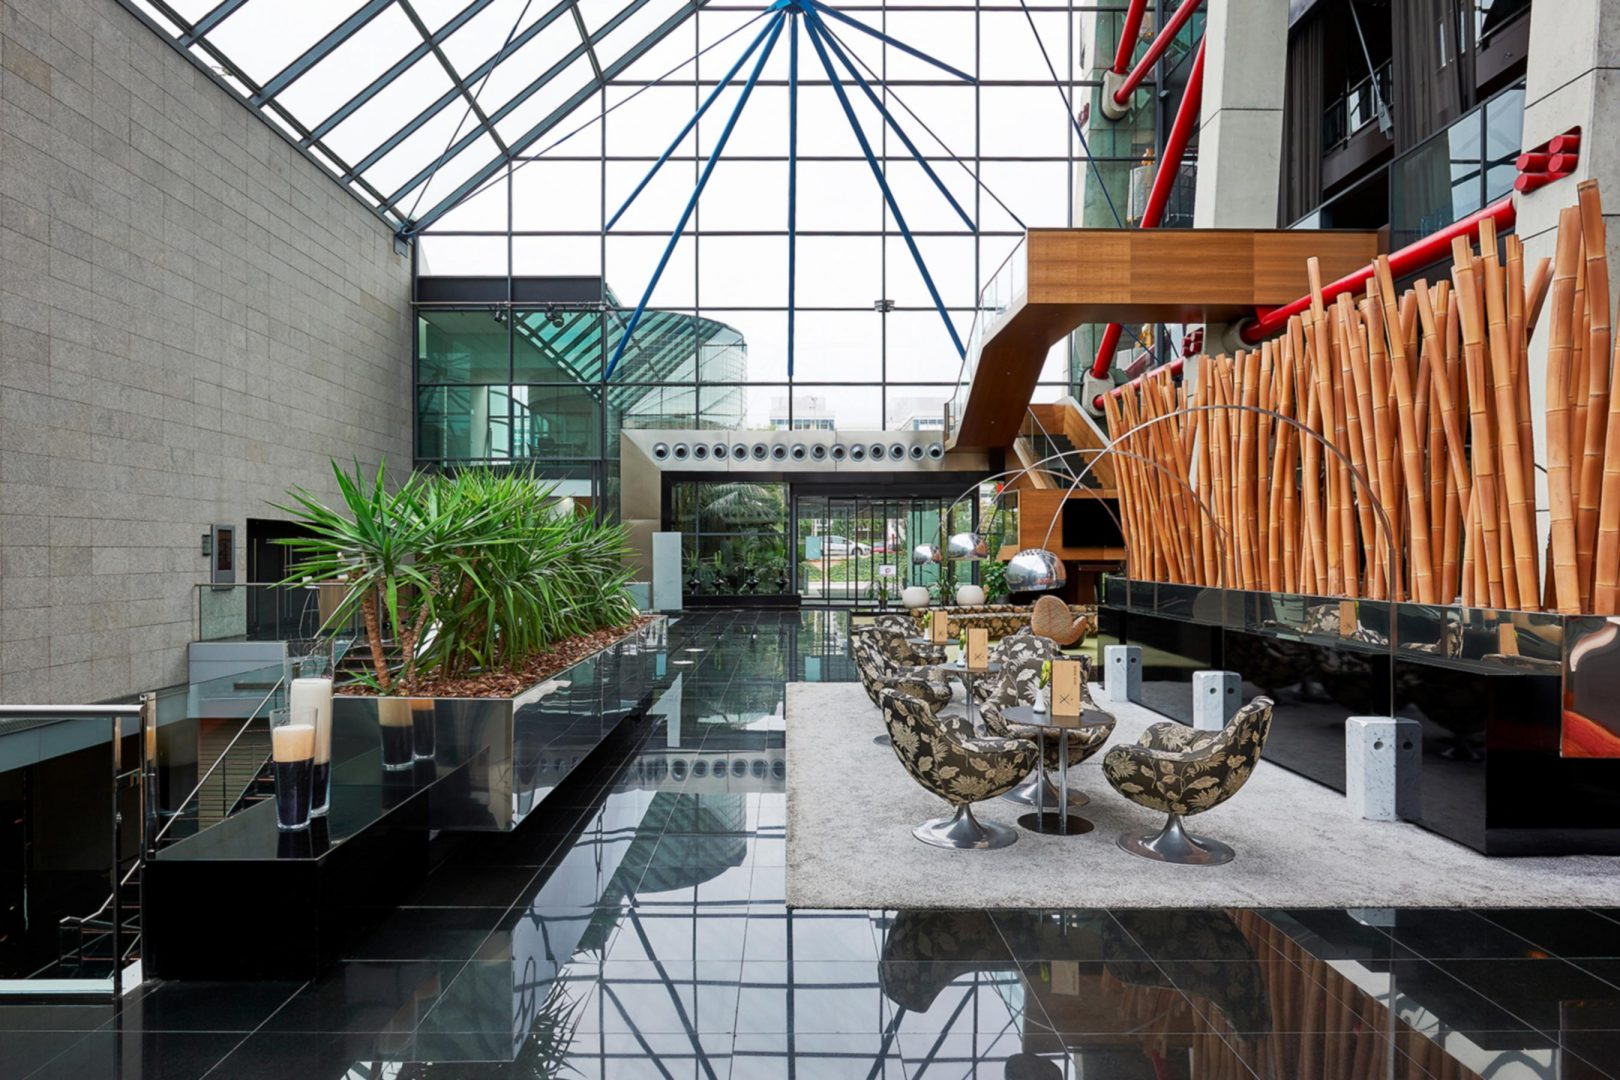 Lobby inside Hyatt Regency Barcelona Tower